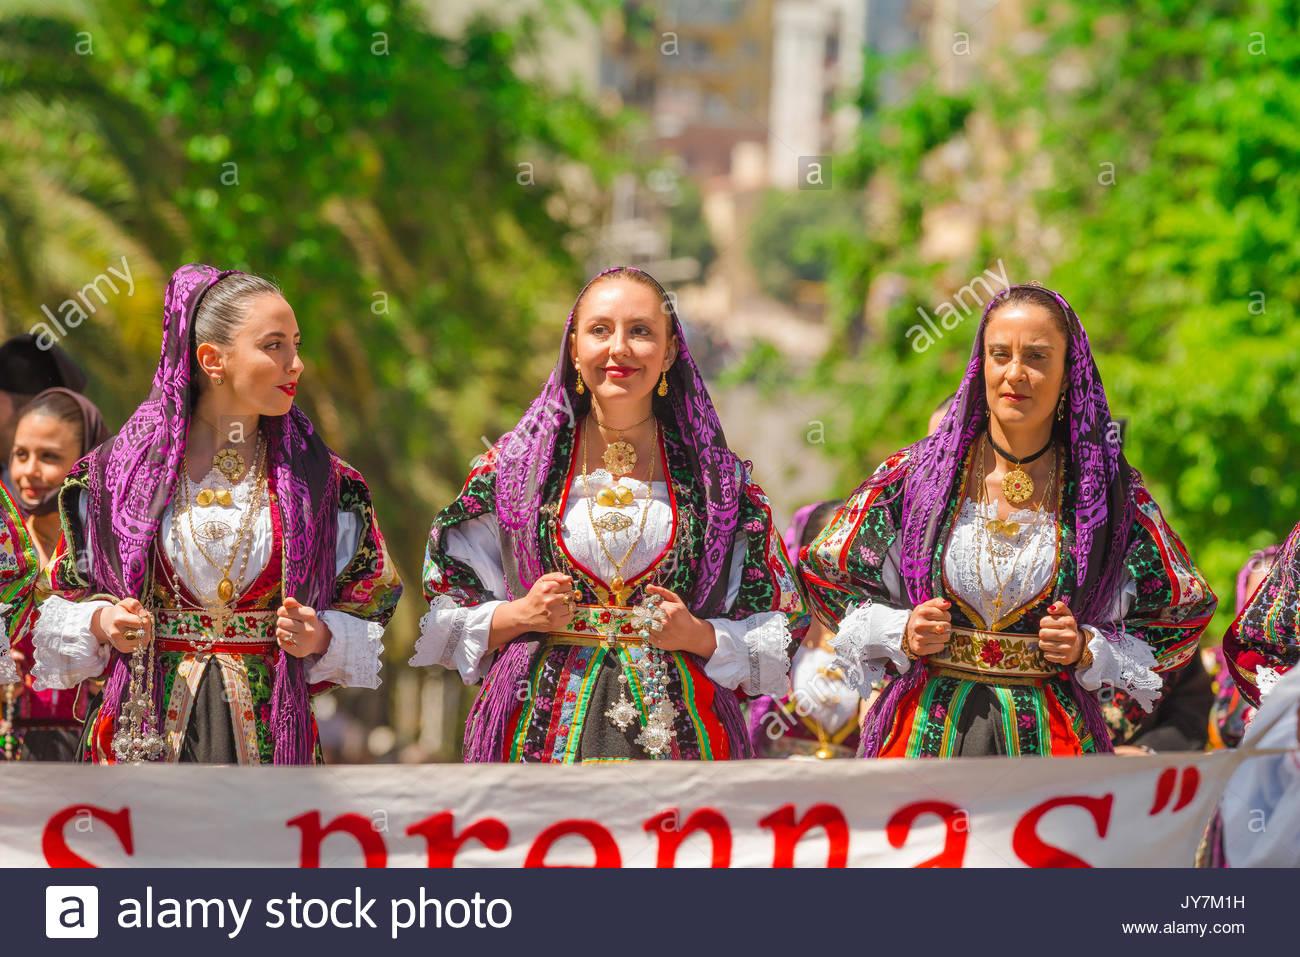 Cerdeña festival, retrato de tres mujeres vestidas con el traje tradicional durante el gran desfile de la Cavalcata Sarda festival en Sassari, Cerdeña Imagen De Stock